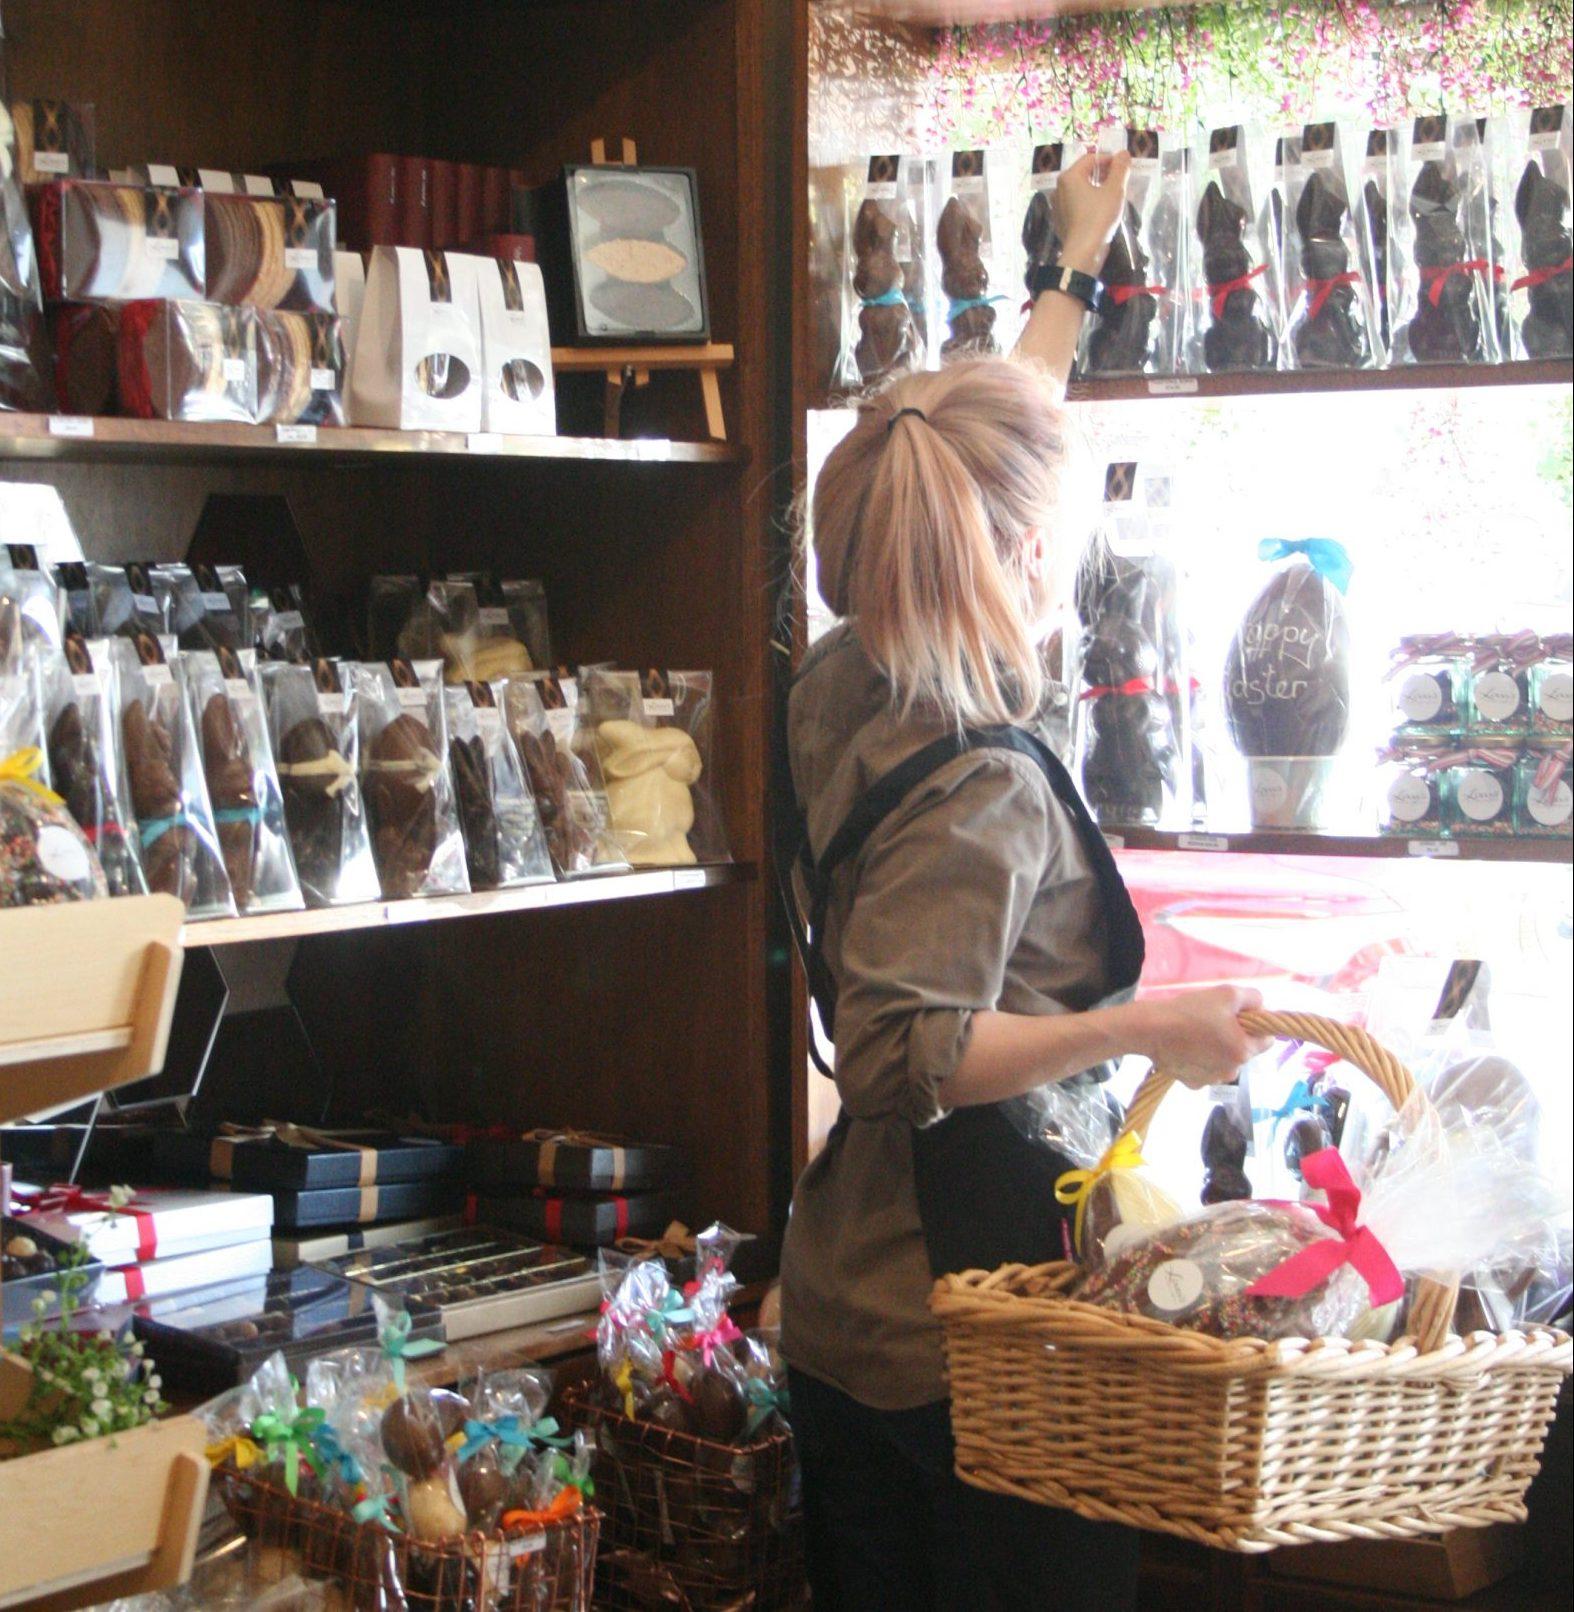 Staff member stocking shelves